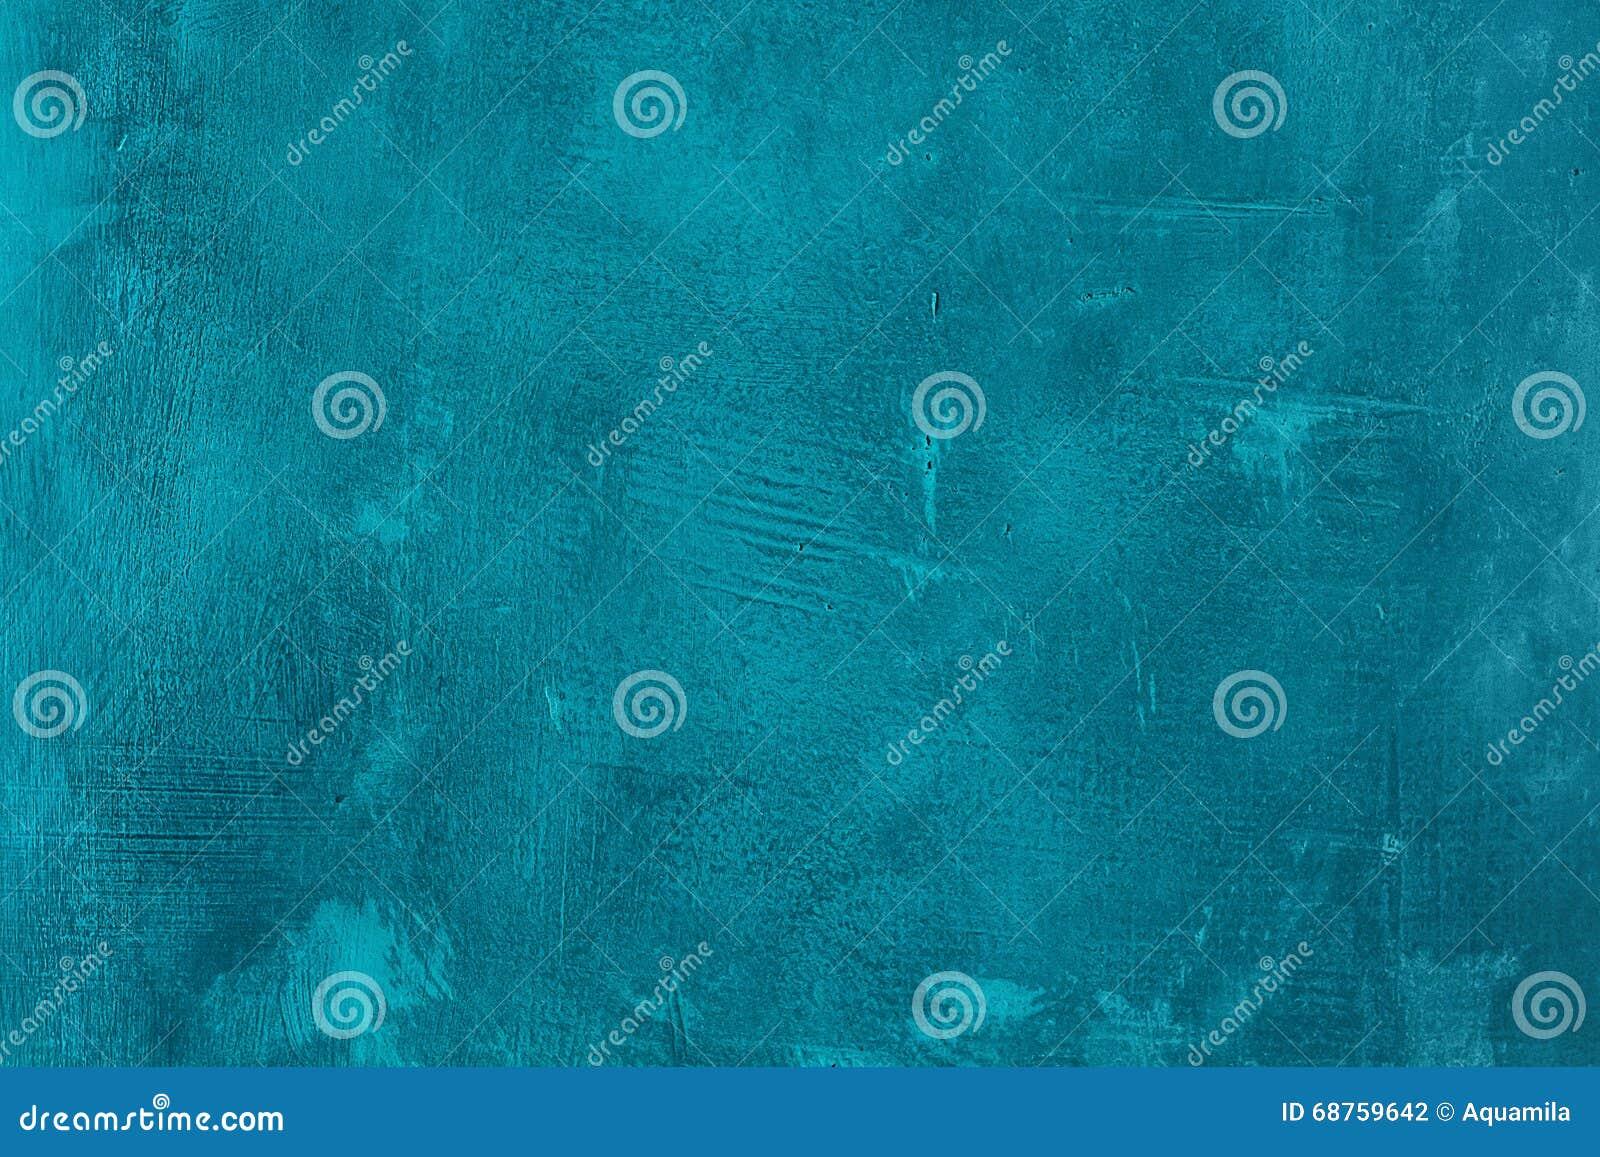 Pared azul pintada rasguñada y agrietada vieja Fondo texturizado extracto de la turquesa Plantilla vacía